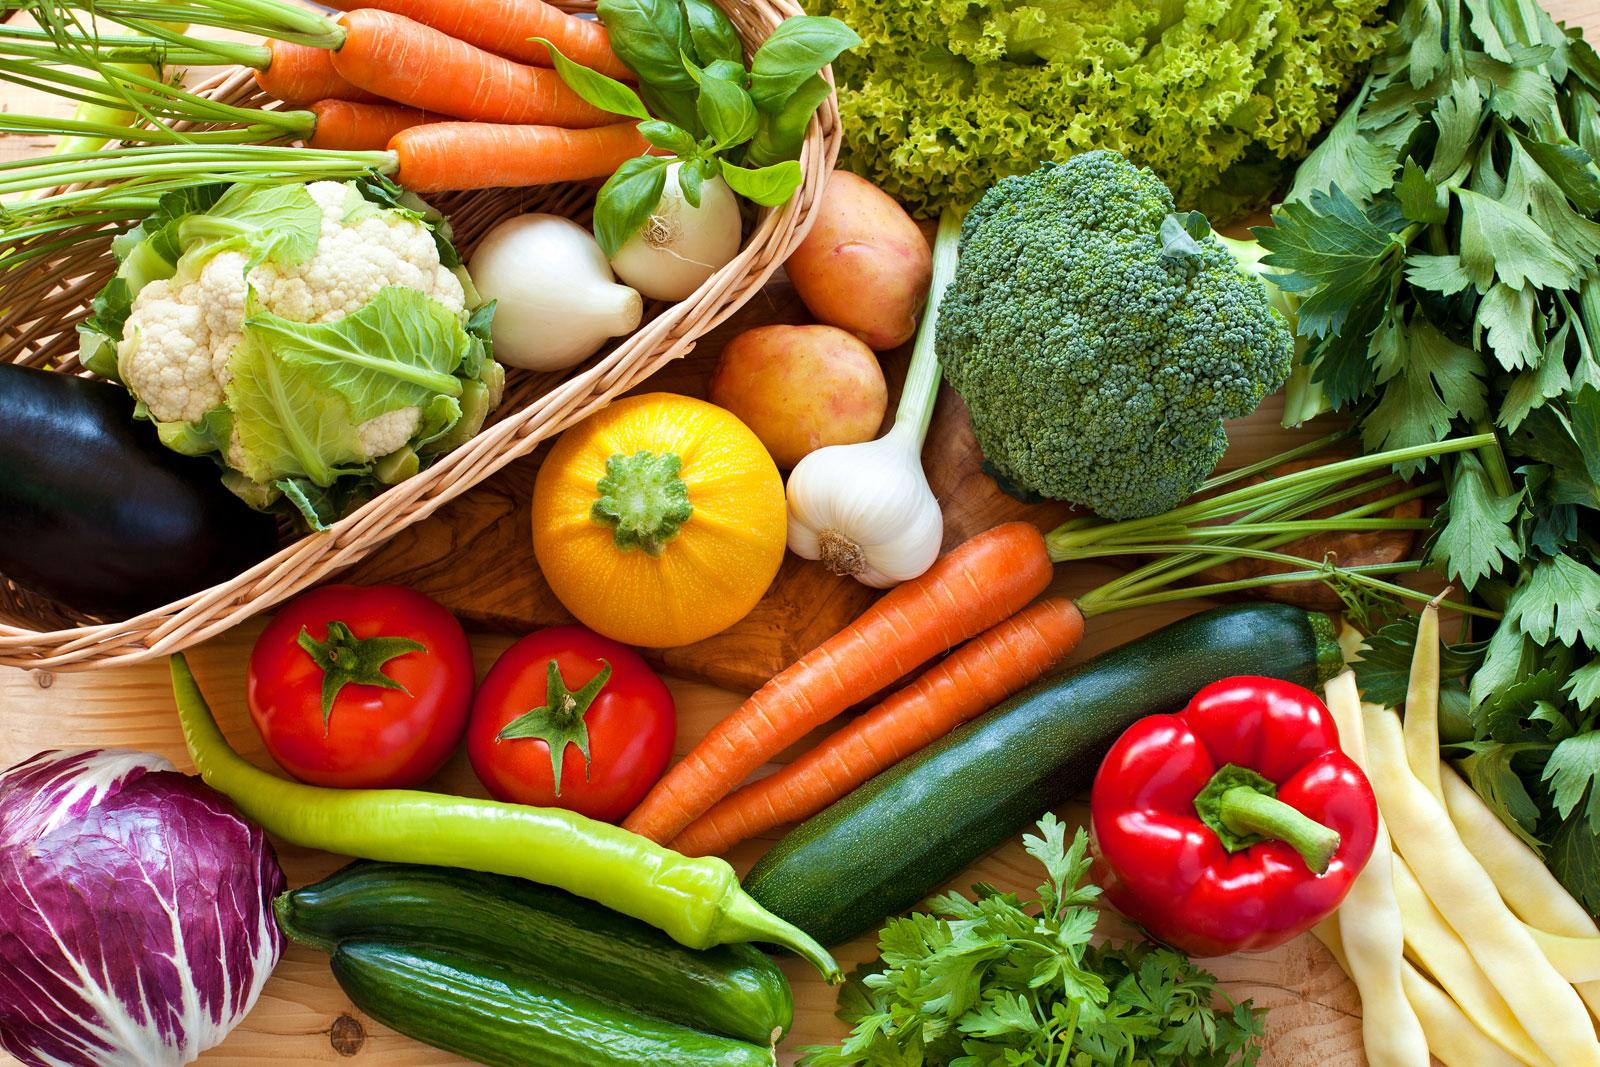 दिल्ली में टमाटर, प्याज, अन्य सब्जियों की कीमतों में 25 फीसदी की बढ़ोतरी: थोक विक्रेताओं ने बारिश को जिम्मेदार ठहराया, ईंधन के दाम बढ़ाए